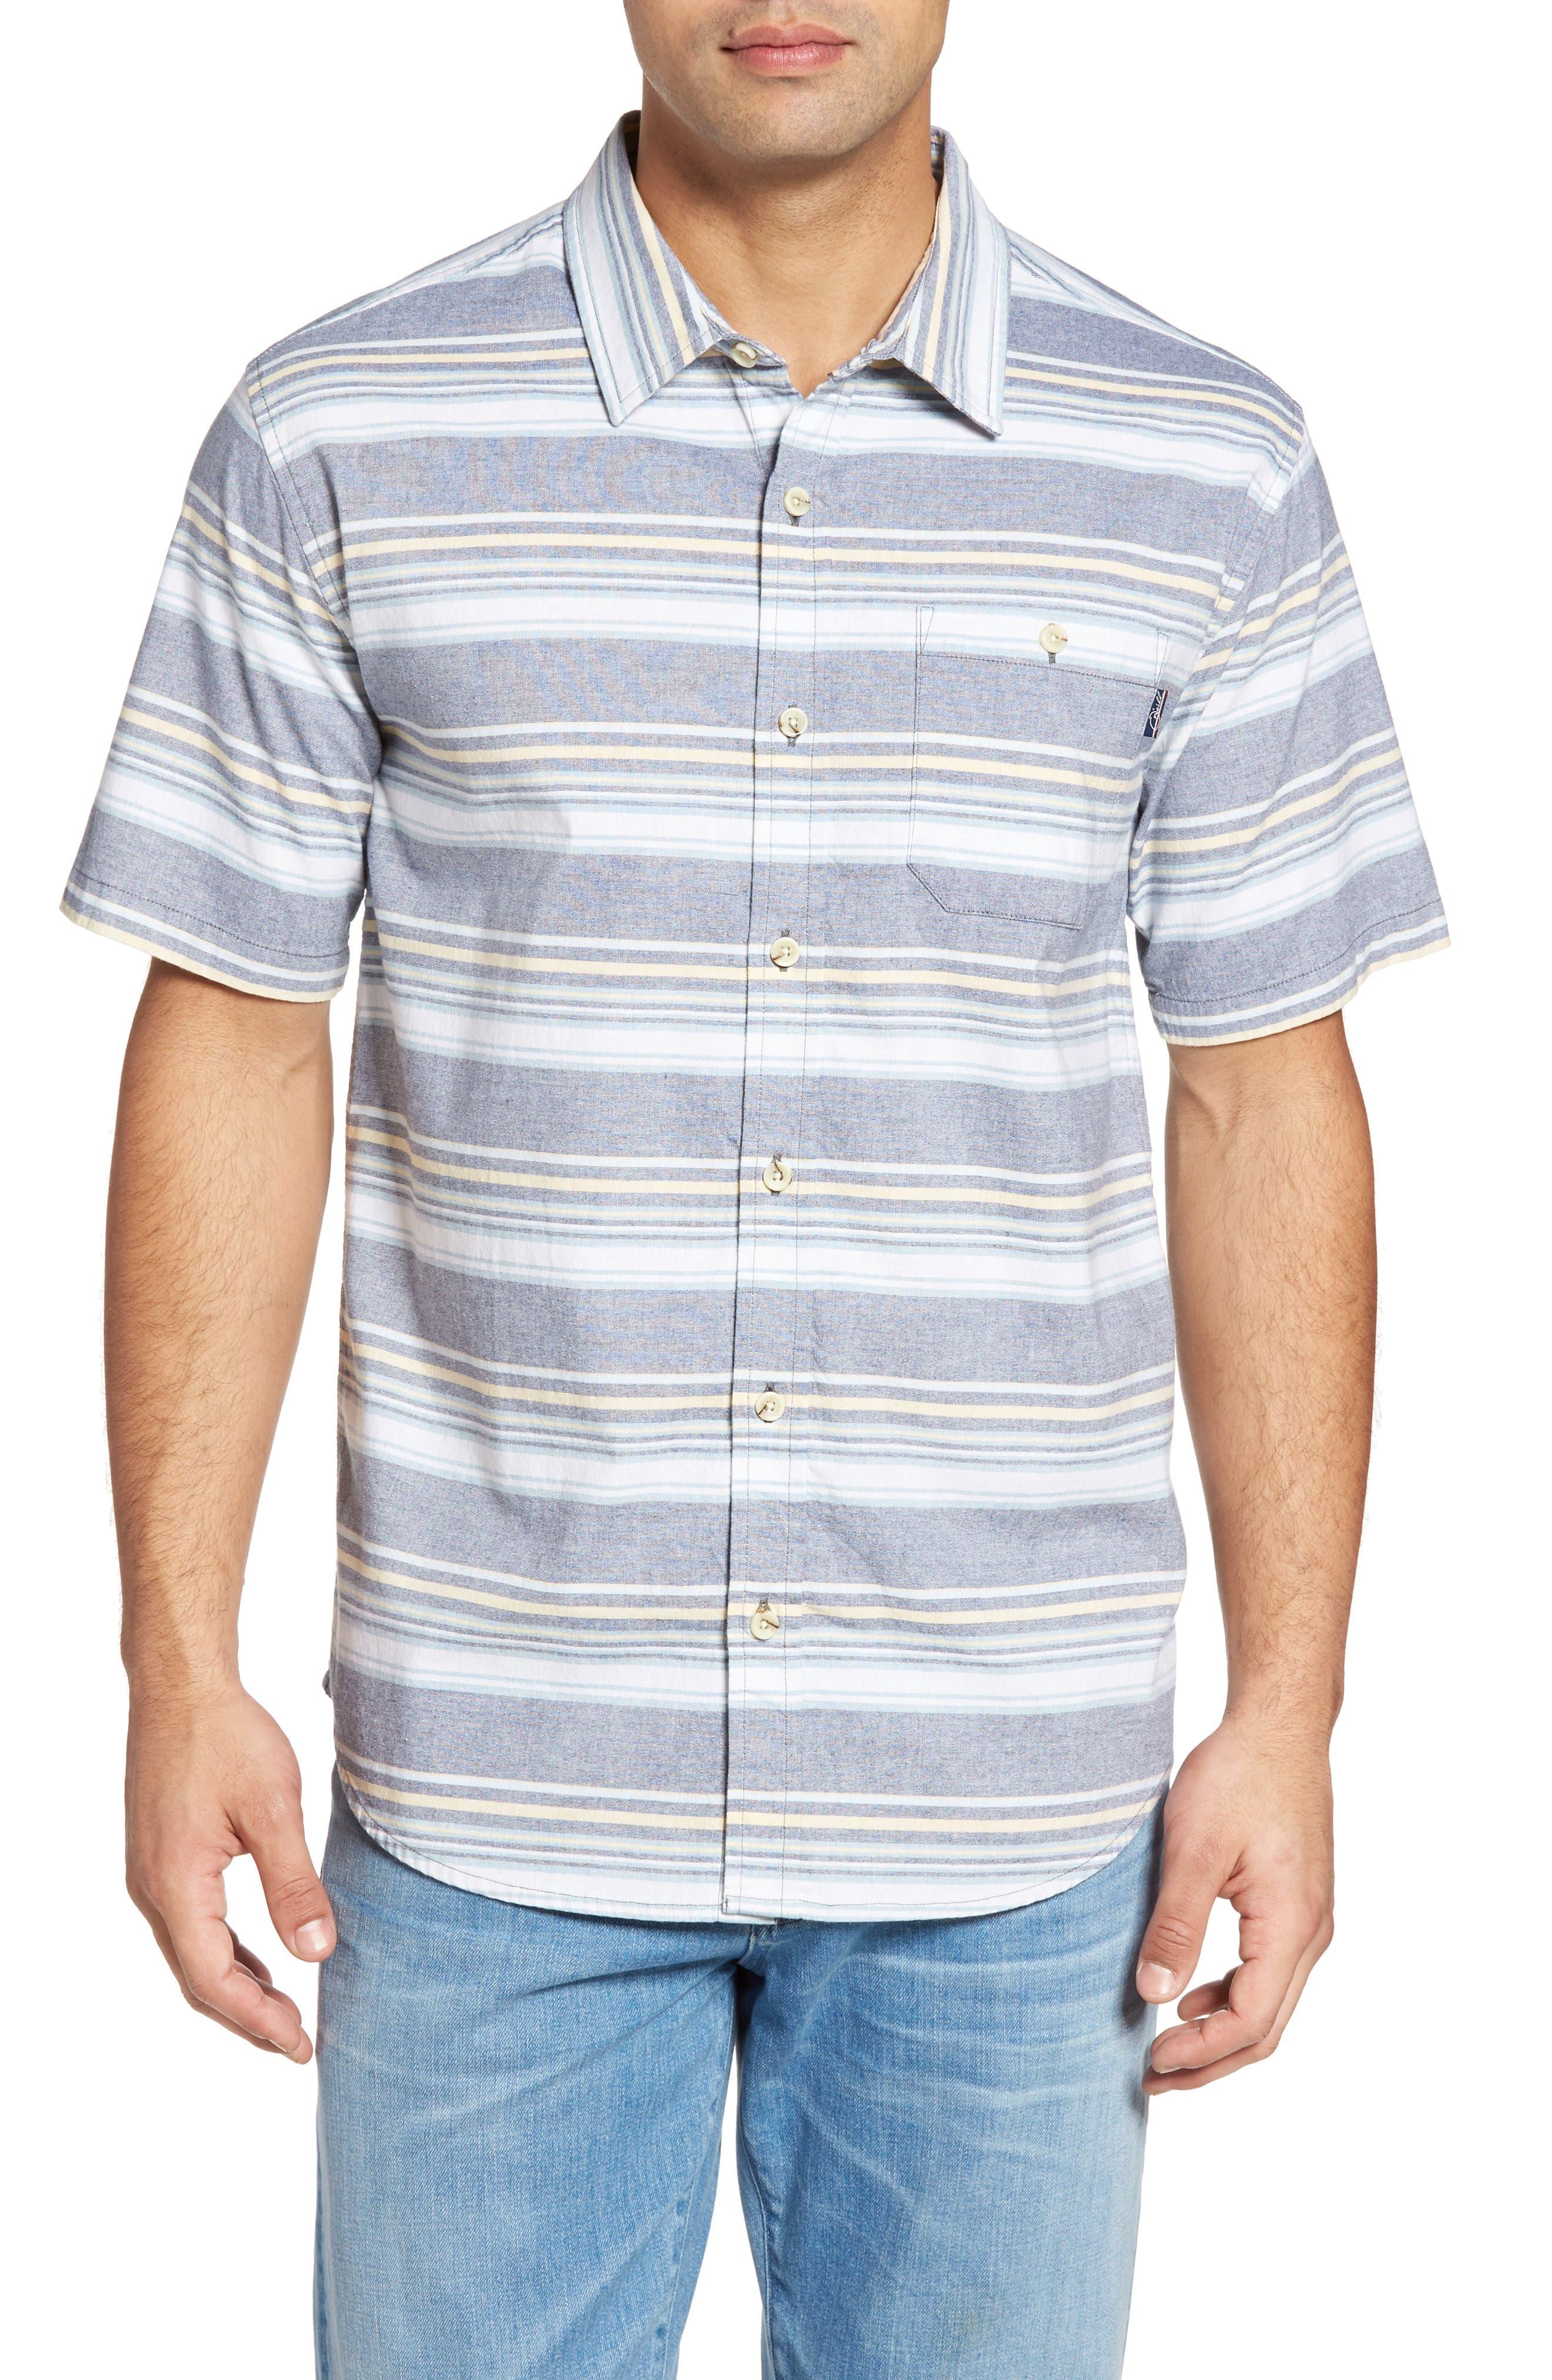 Alternate Image 1 Selected - Jack O'Neill Pura Vida Sport Shirt